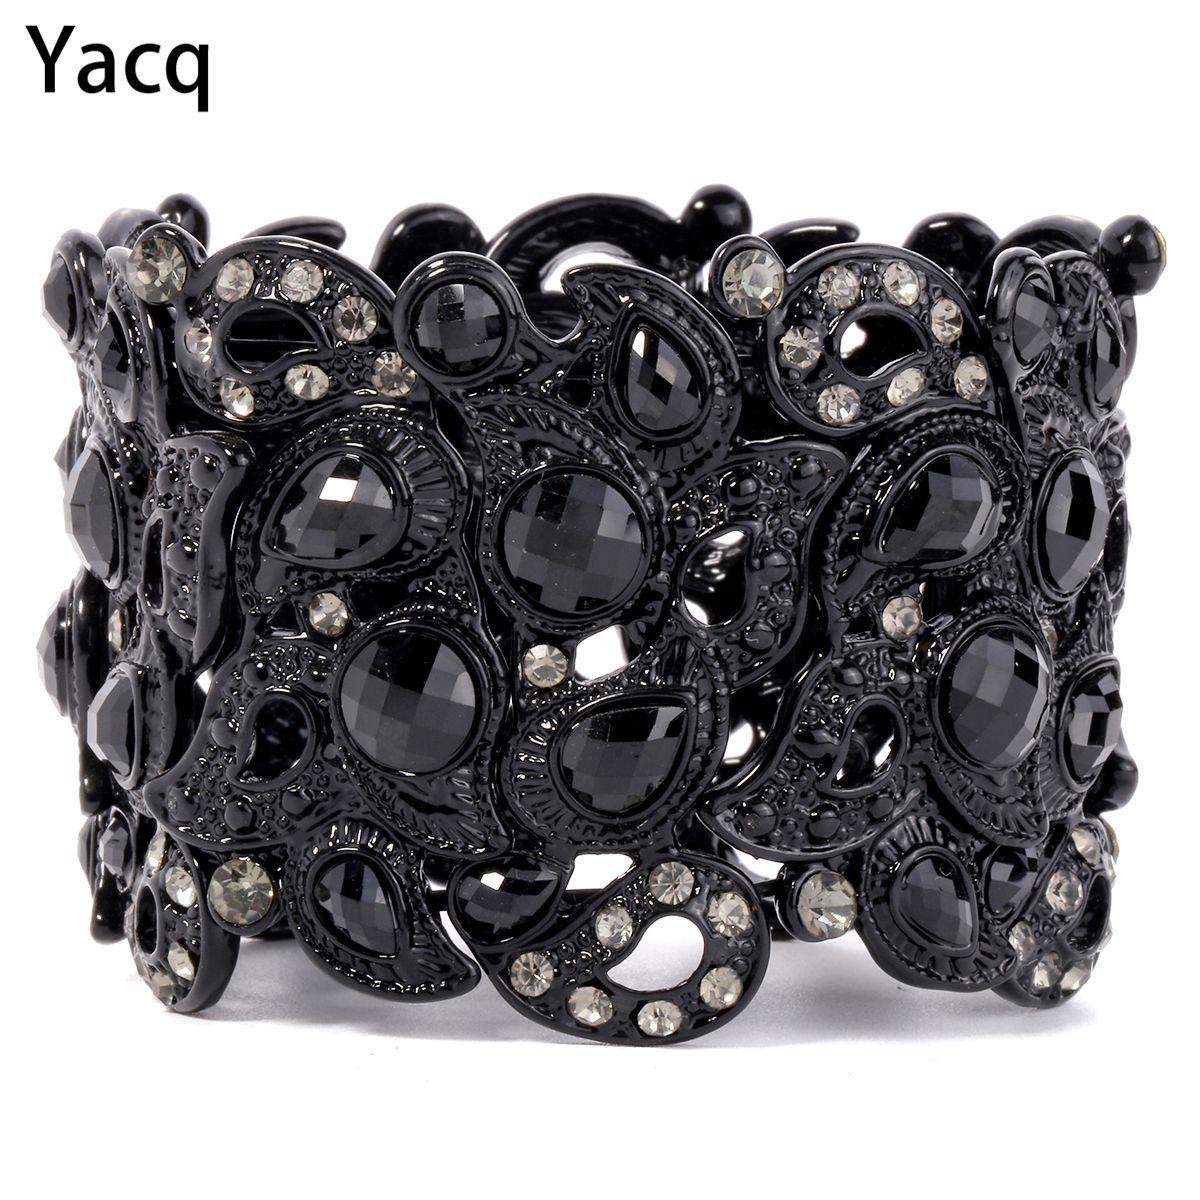 YACQ Bracelet Extensible Vintage Fleur Cristal Femmes Bijoux De Mode Cadeaux B10 En Gros Dropshipping Noir Or Argent Couleur